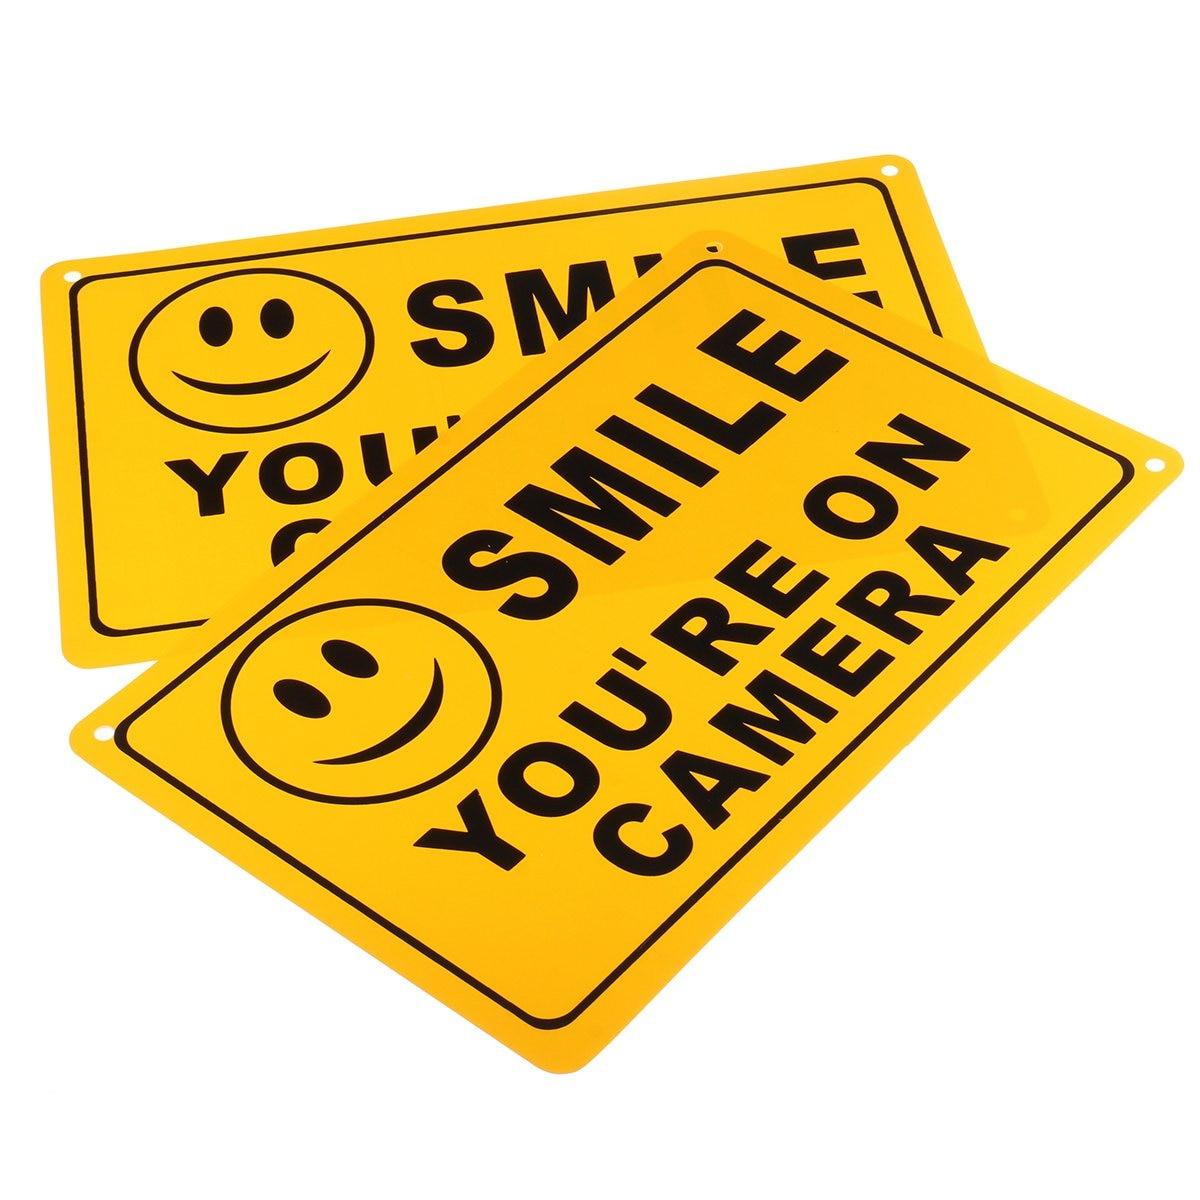 Safurance 2x Улыбка Вы на камеру Бизнес Предупреждение безопасности Желтый Знак 11 х 7/28x18 см Детская Безопасность видеонаблюдения